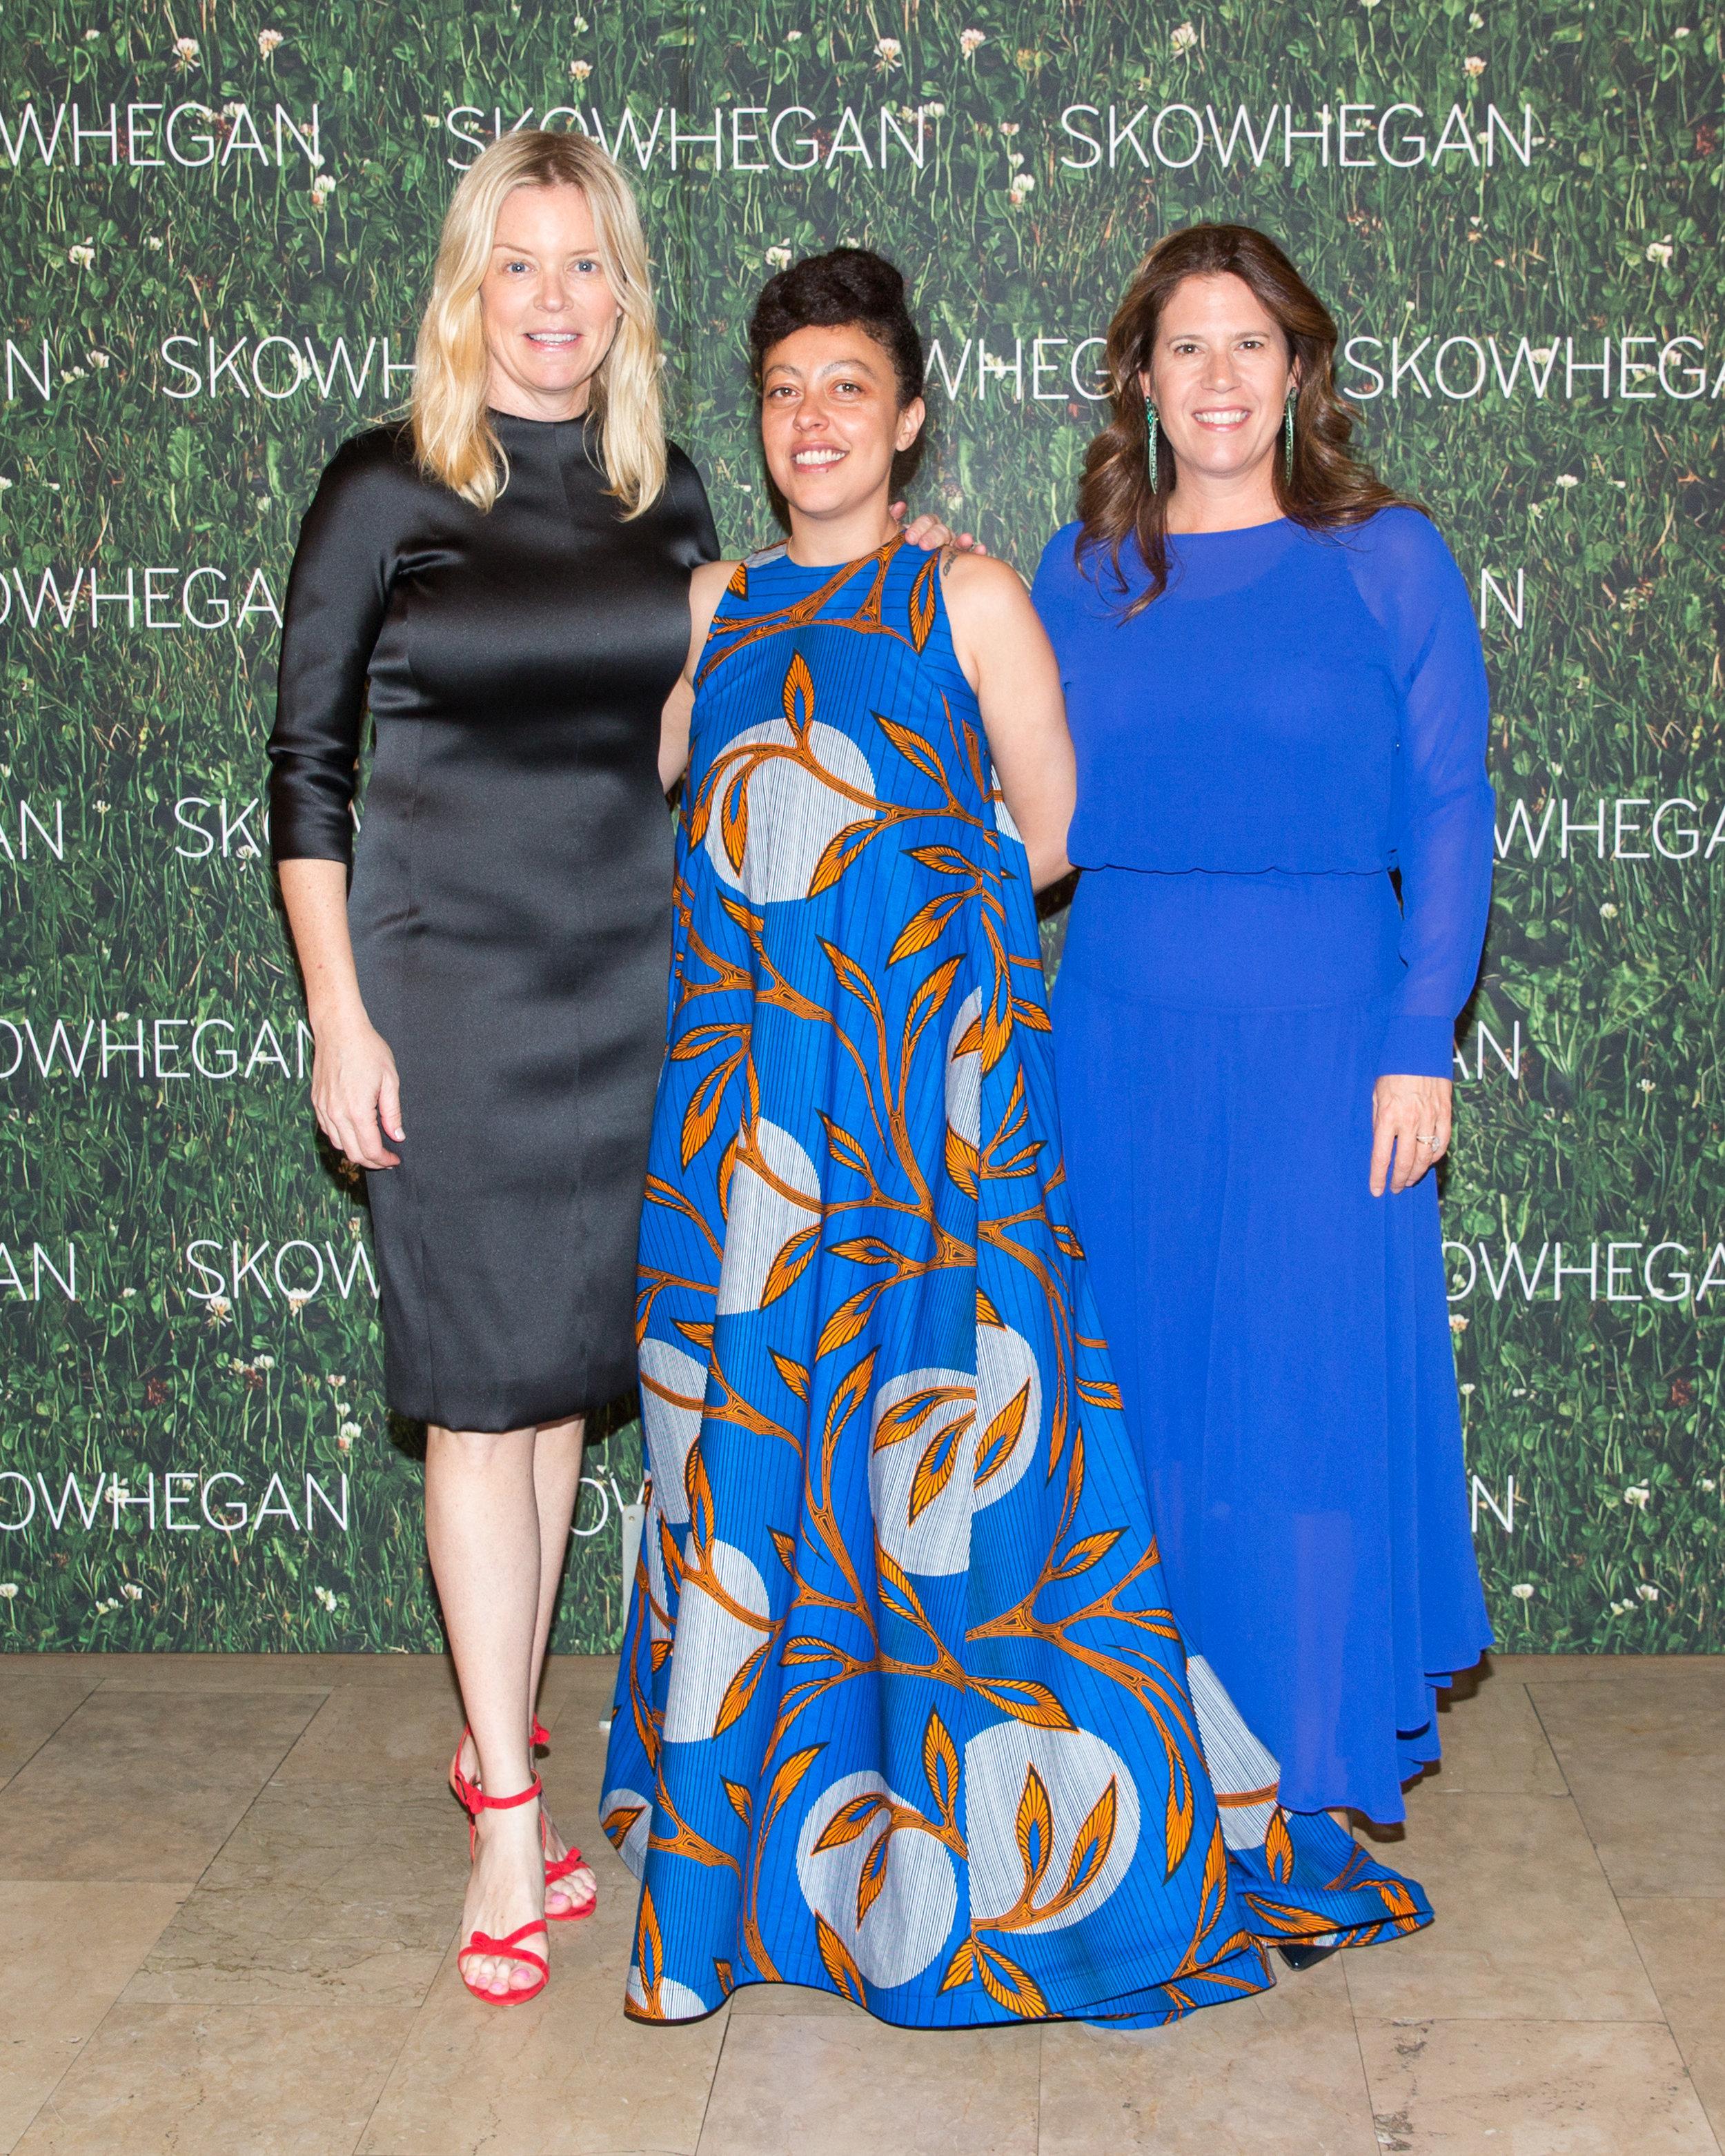 Chiara Edmands, Sarah Workneh, Eleanor Acquavella